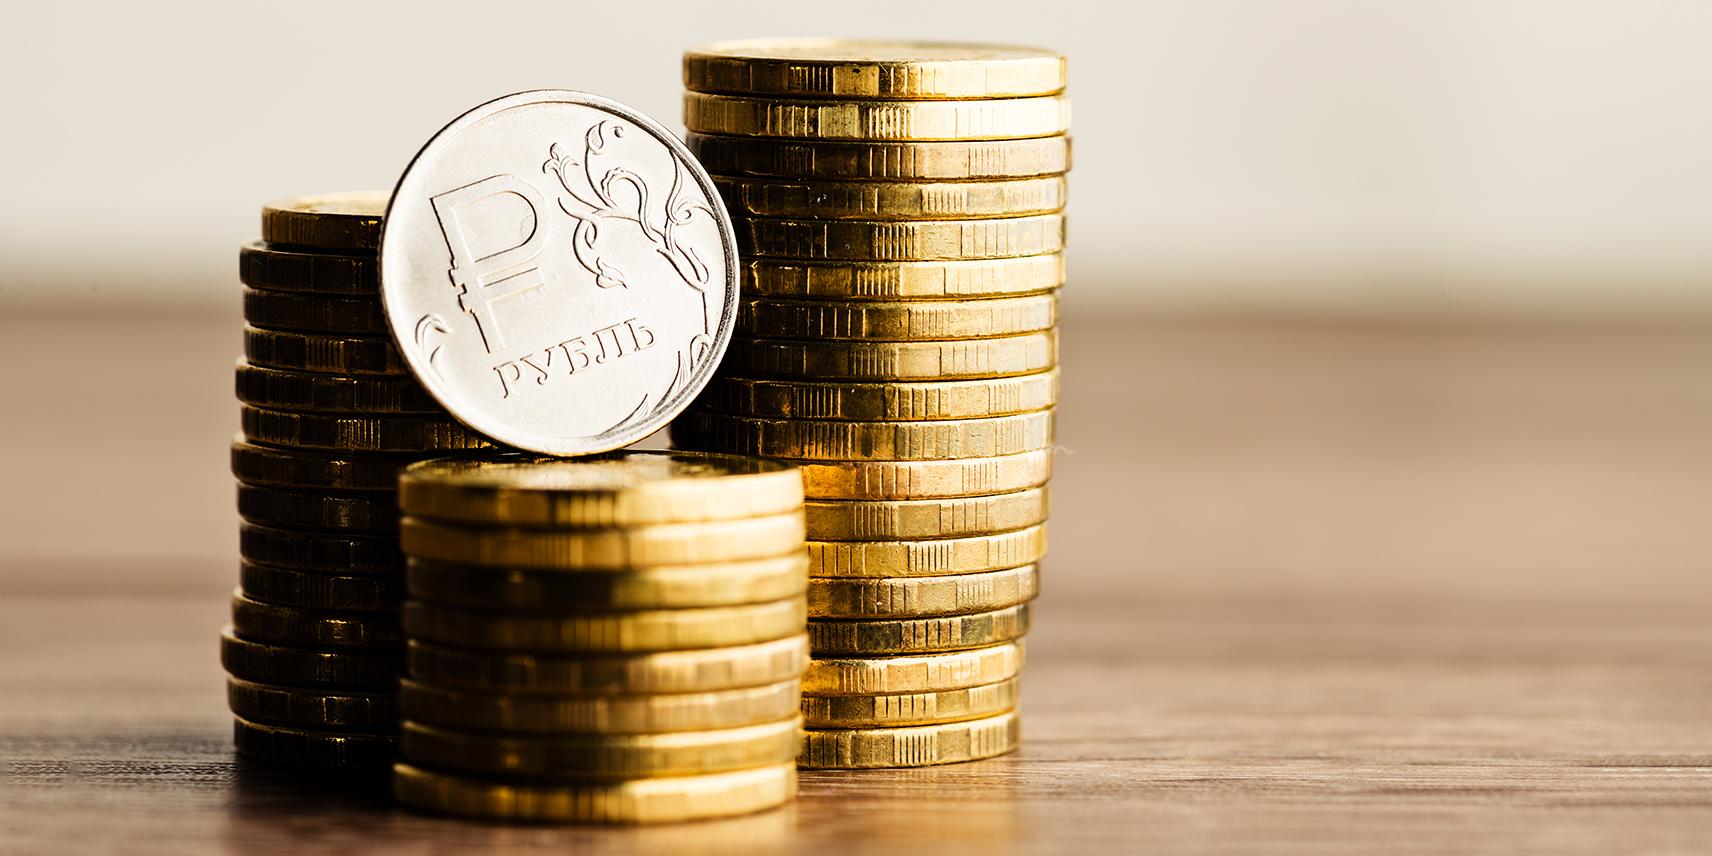 Стал известен самый выгодный банковский вклад в 2021 году